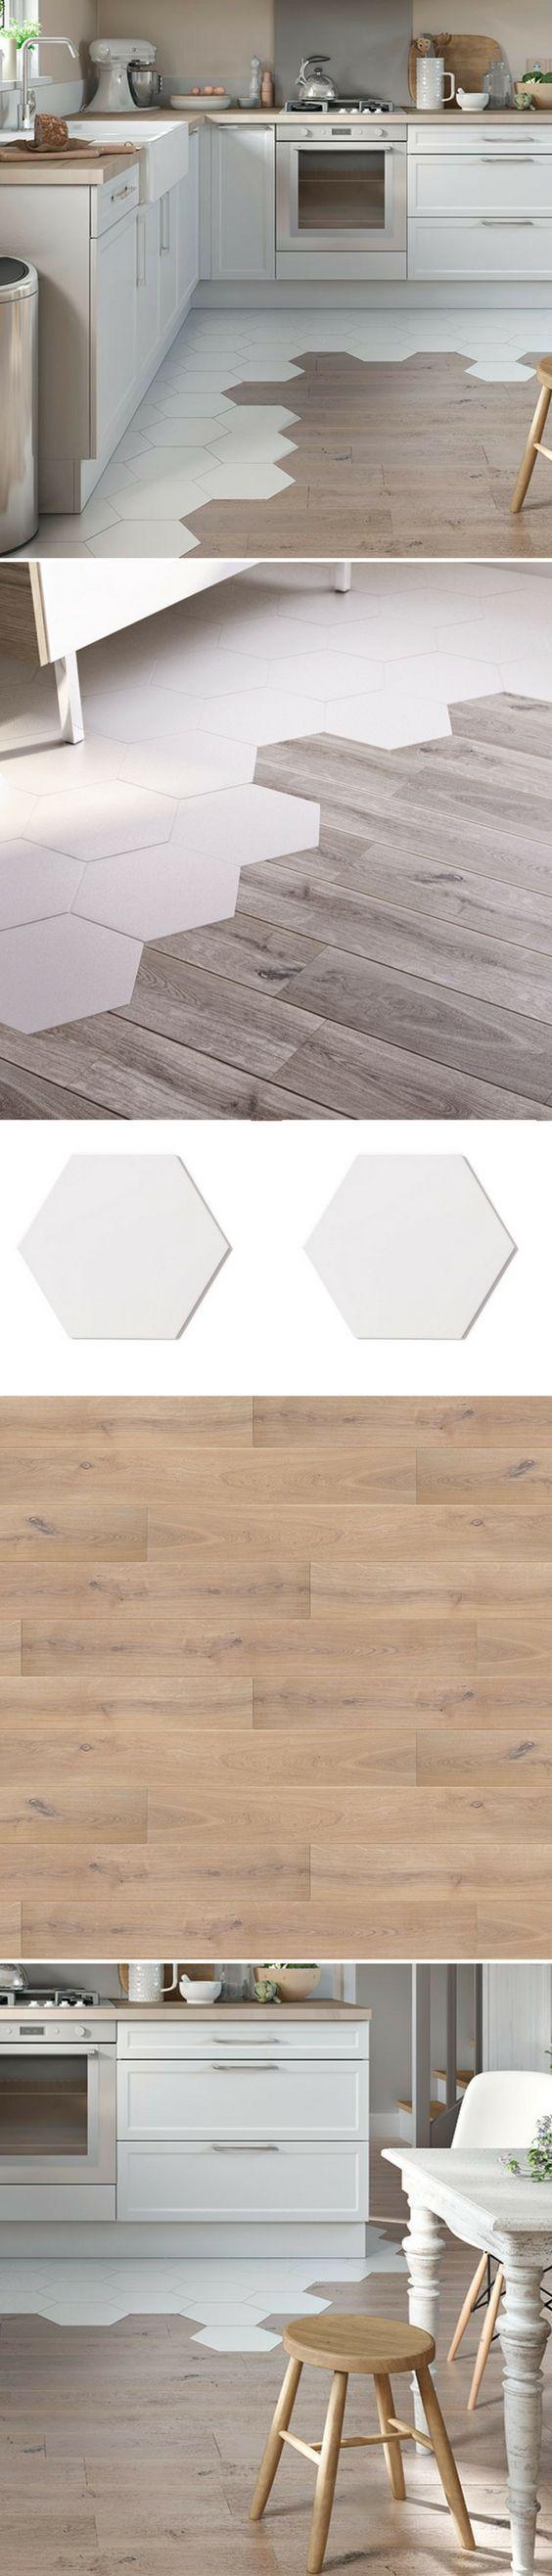 Vom weißen Holzboden bis zum weißen Fliesenboden zeigen wir Ihnen Ihren